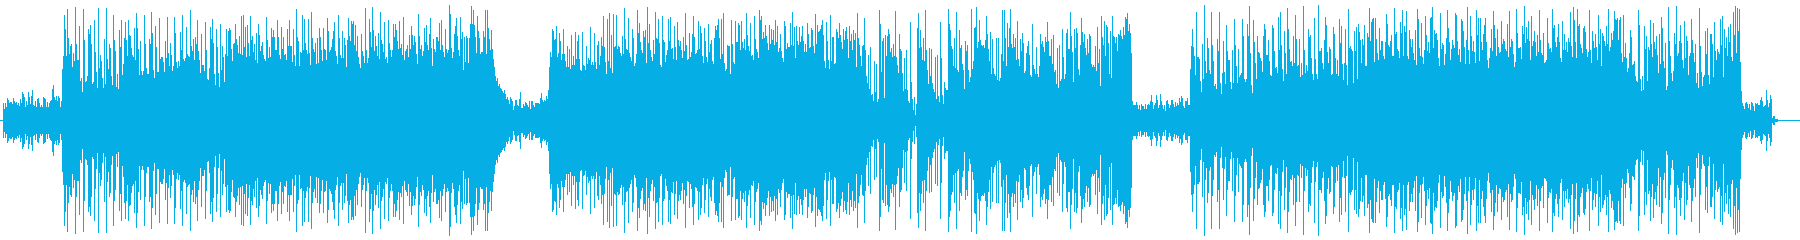 (映像向け)明るく爽やかなポップロックの再生済みの波形